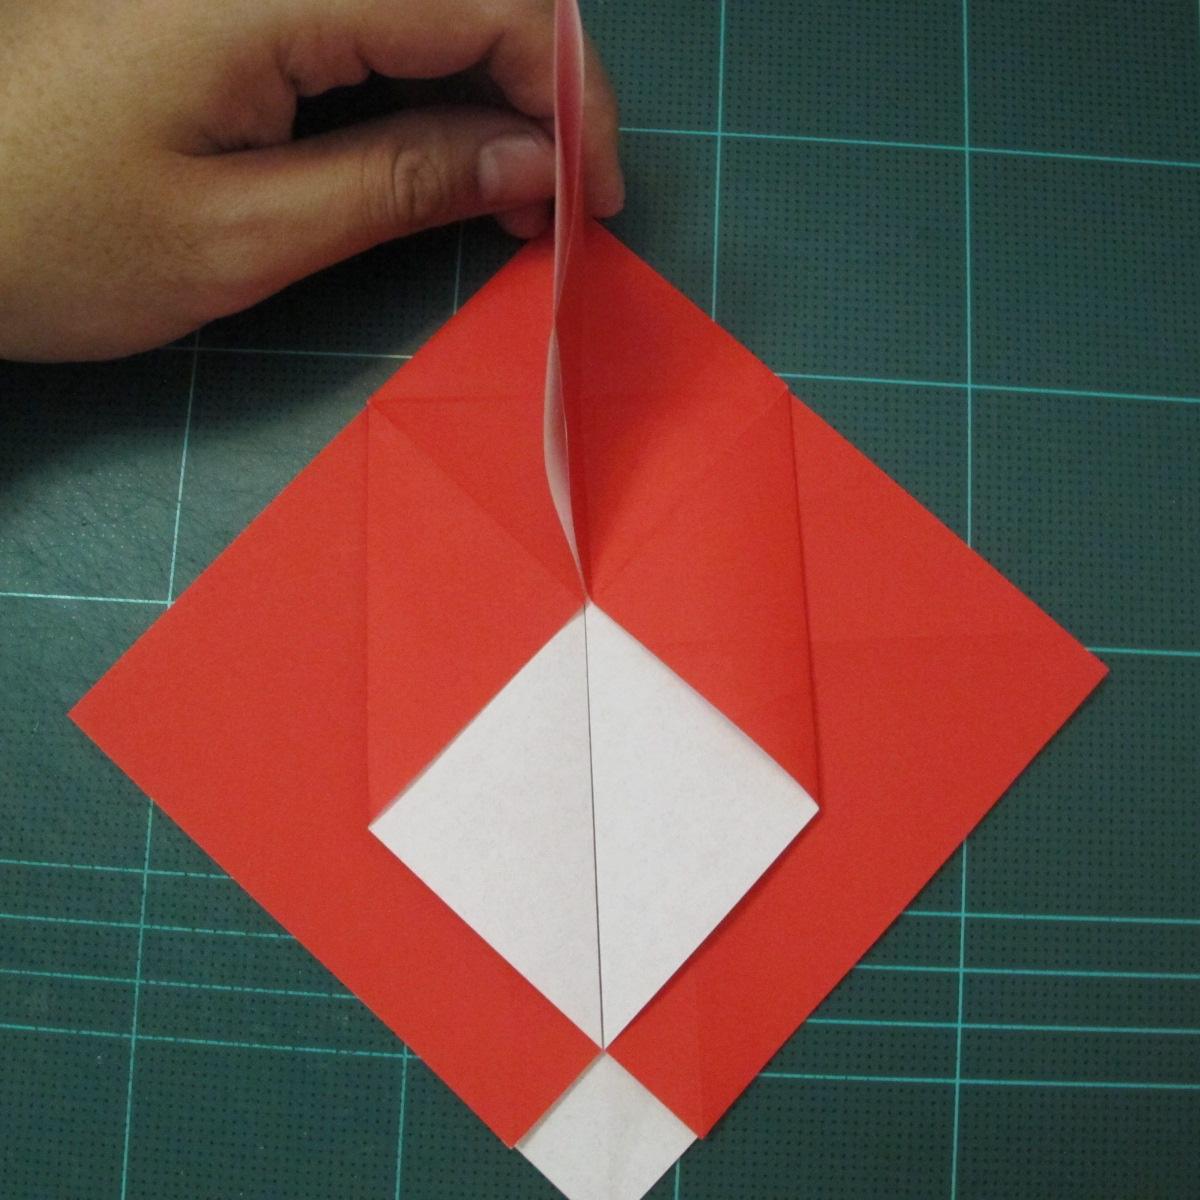 การพับกระดาษเป็นรูปสัตว์ประหลาดก็อตซิล่า (Origami Gozzila) 011